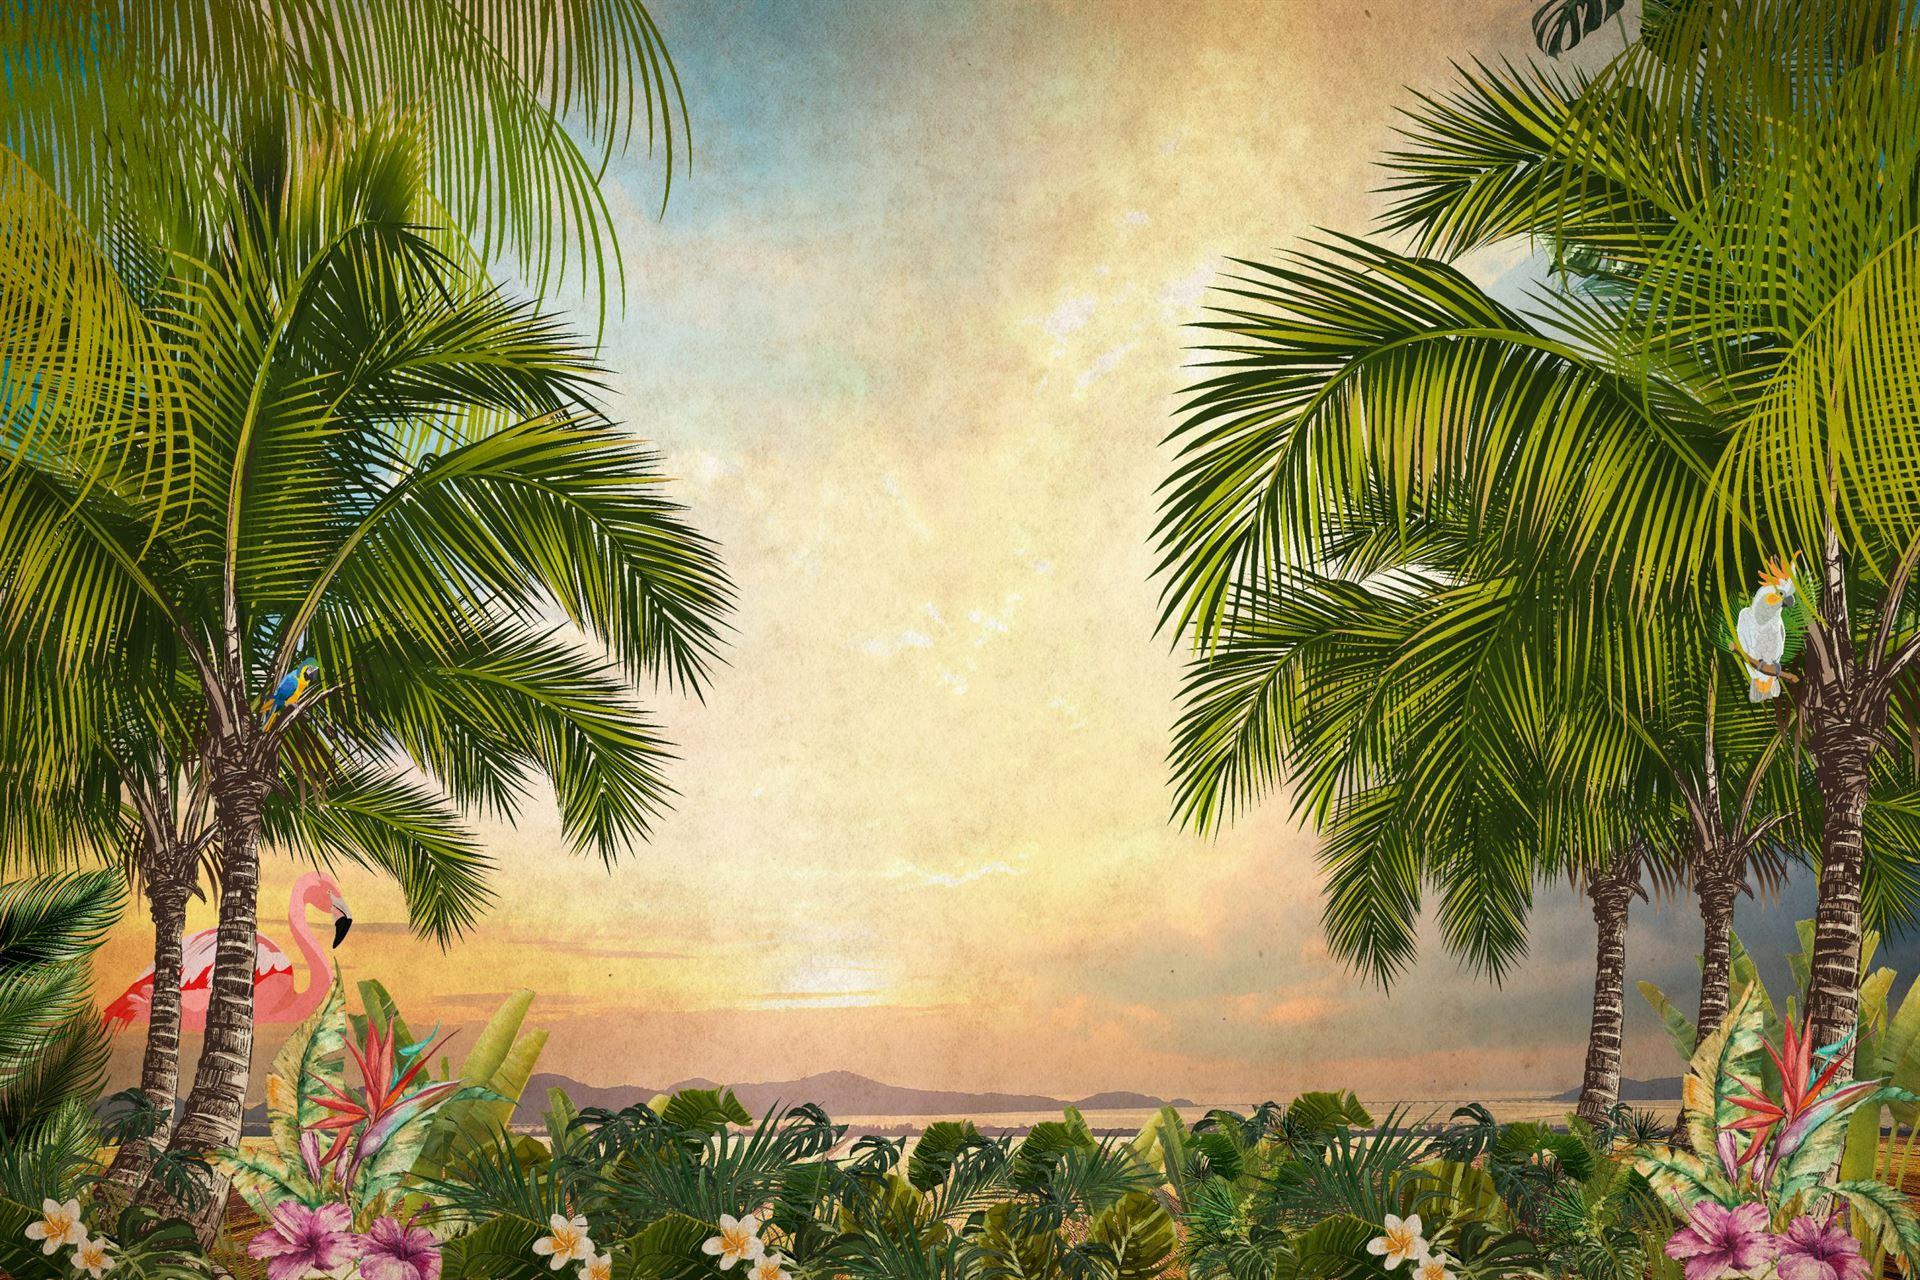 carta da parati per il bagno con paesaggi, idrosanitaria lecco